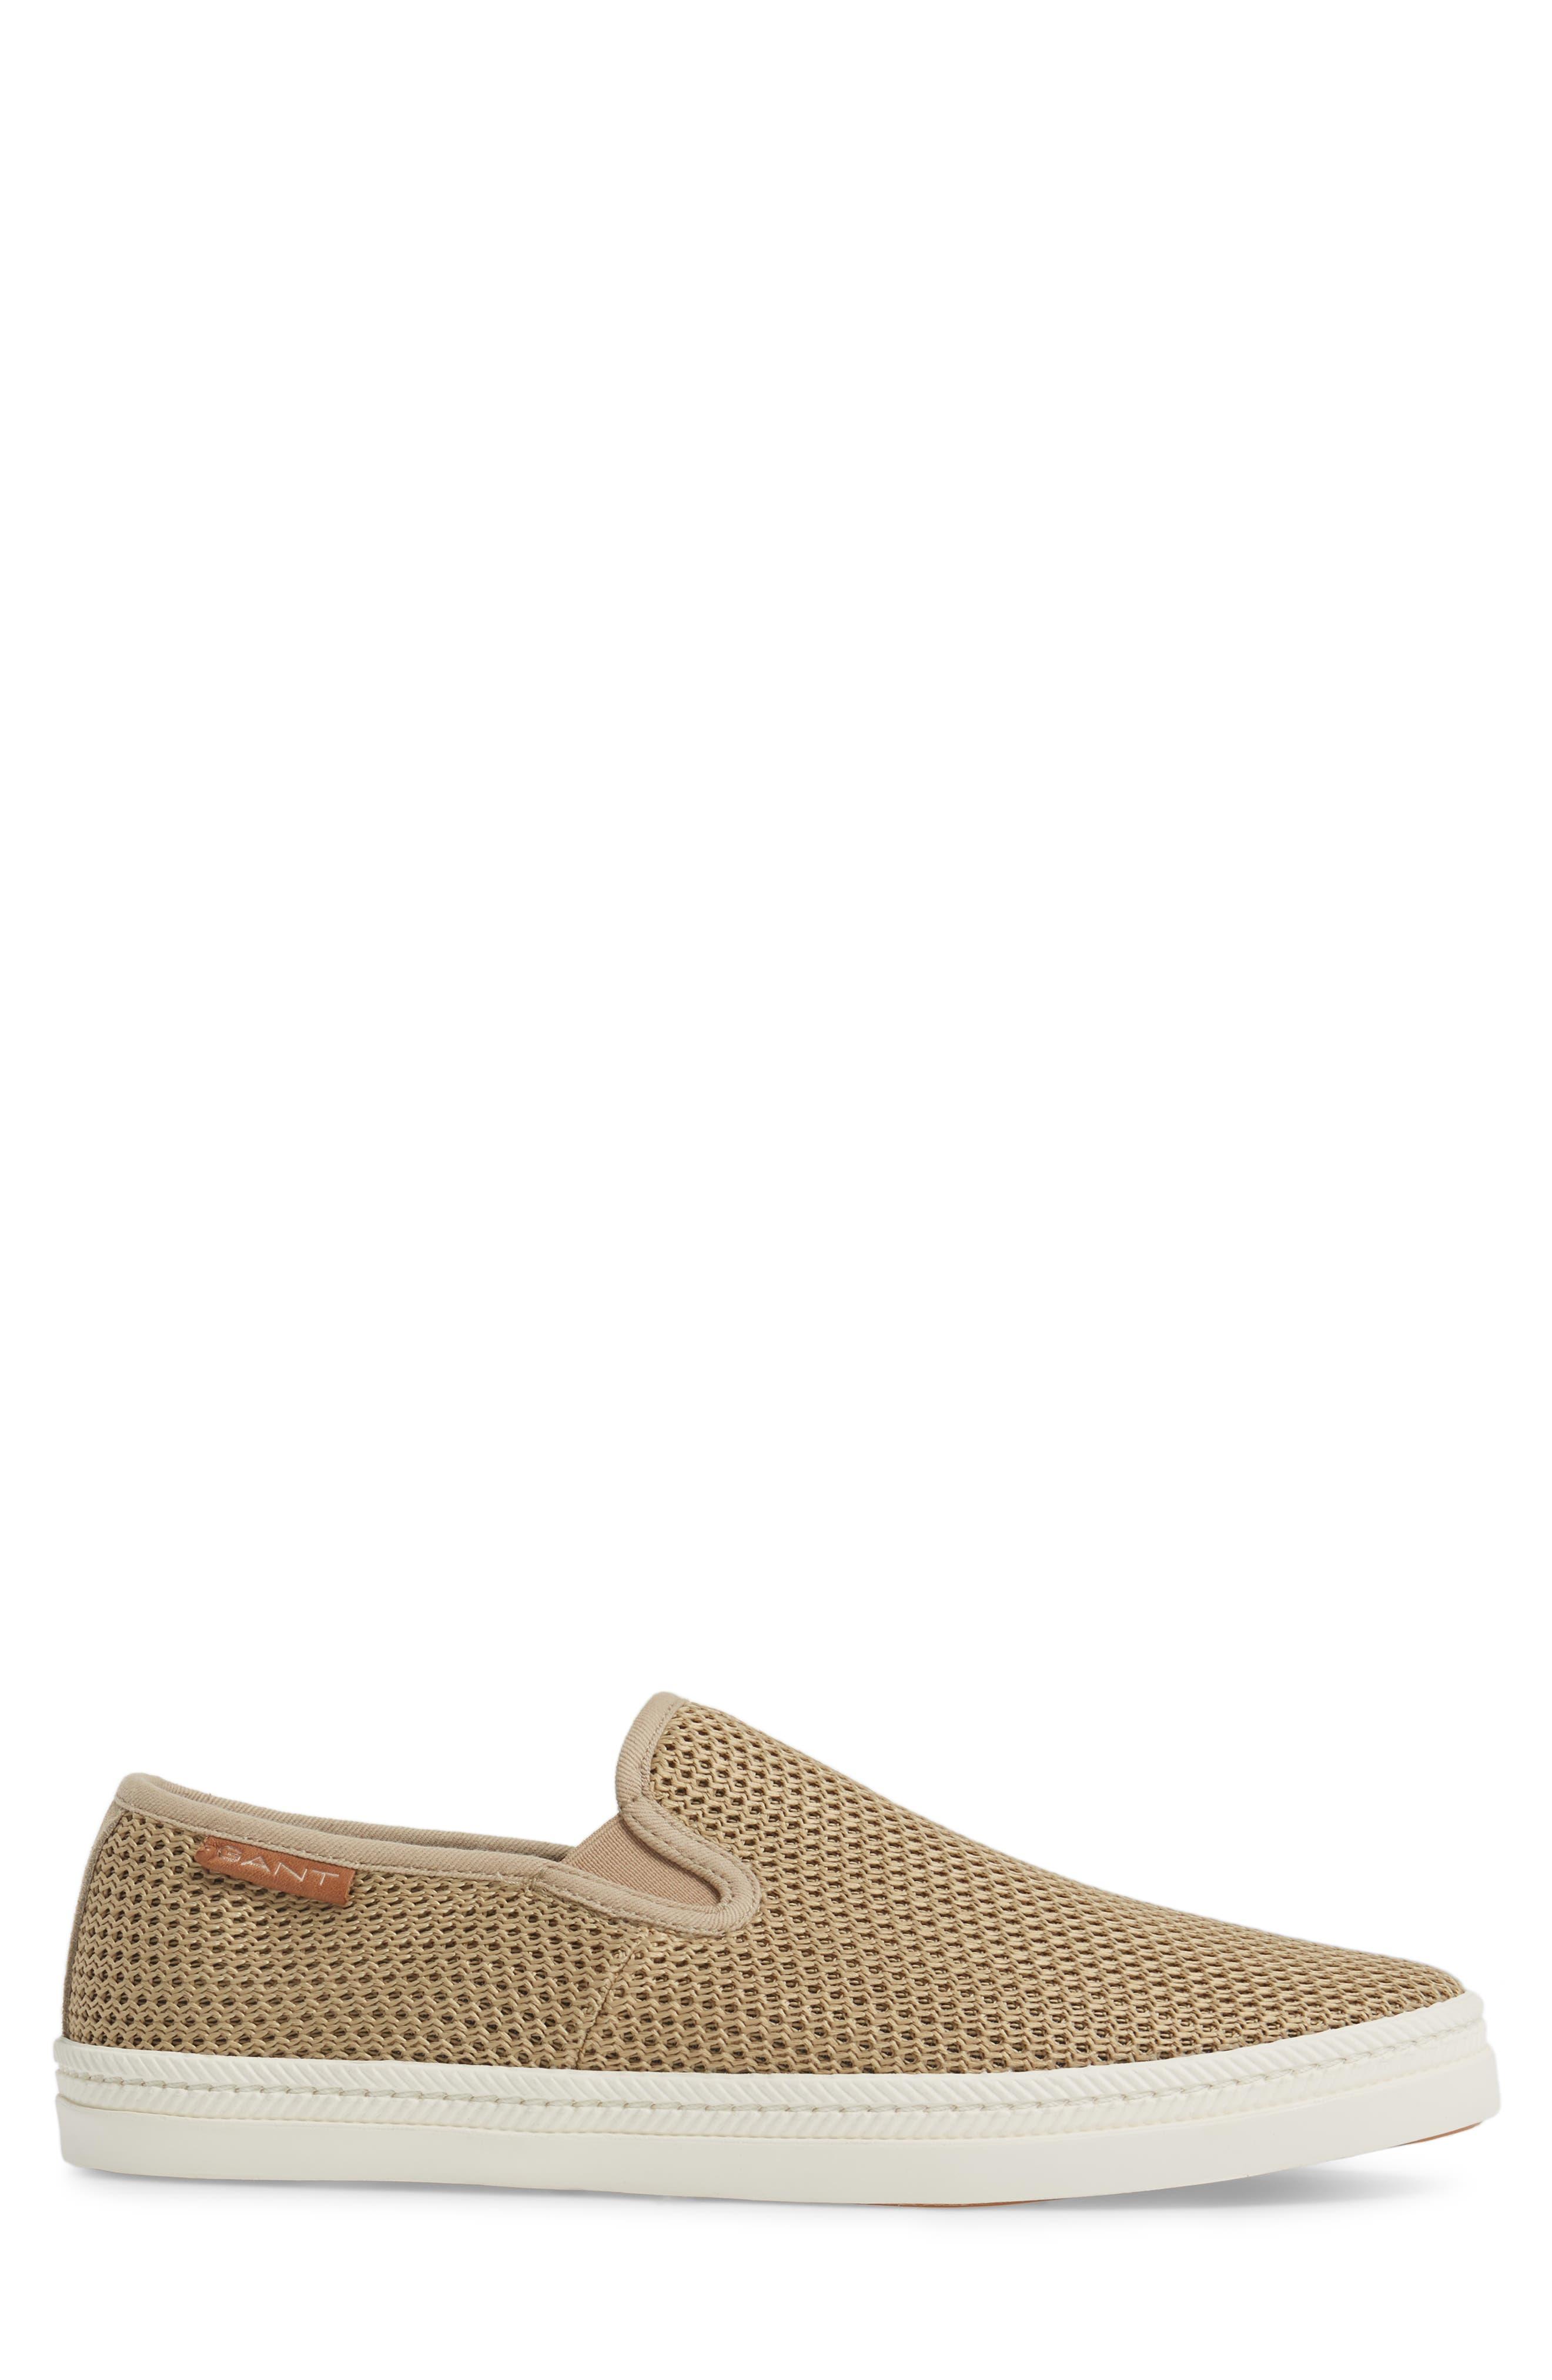 Delray Woven Slip-On Sneaker,                             Alternate thumbnail 3, color,                             252